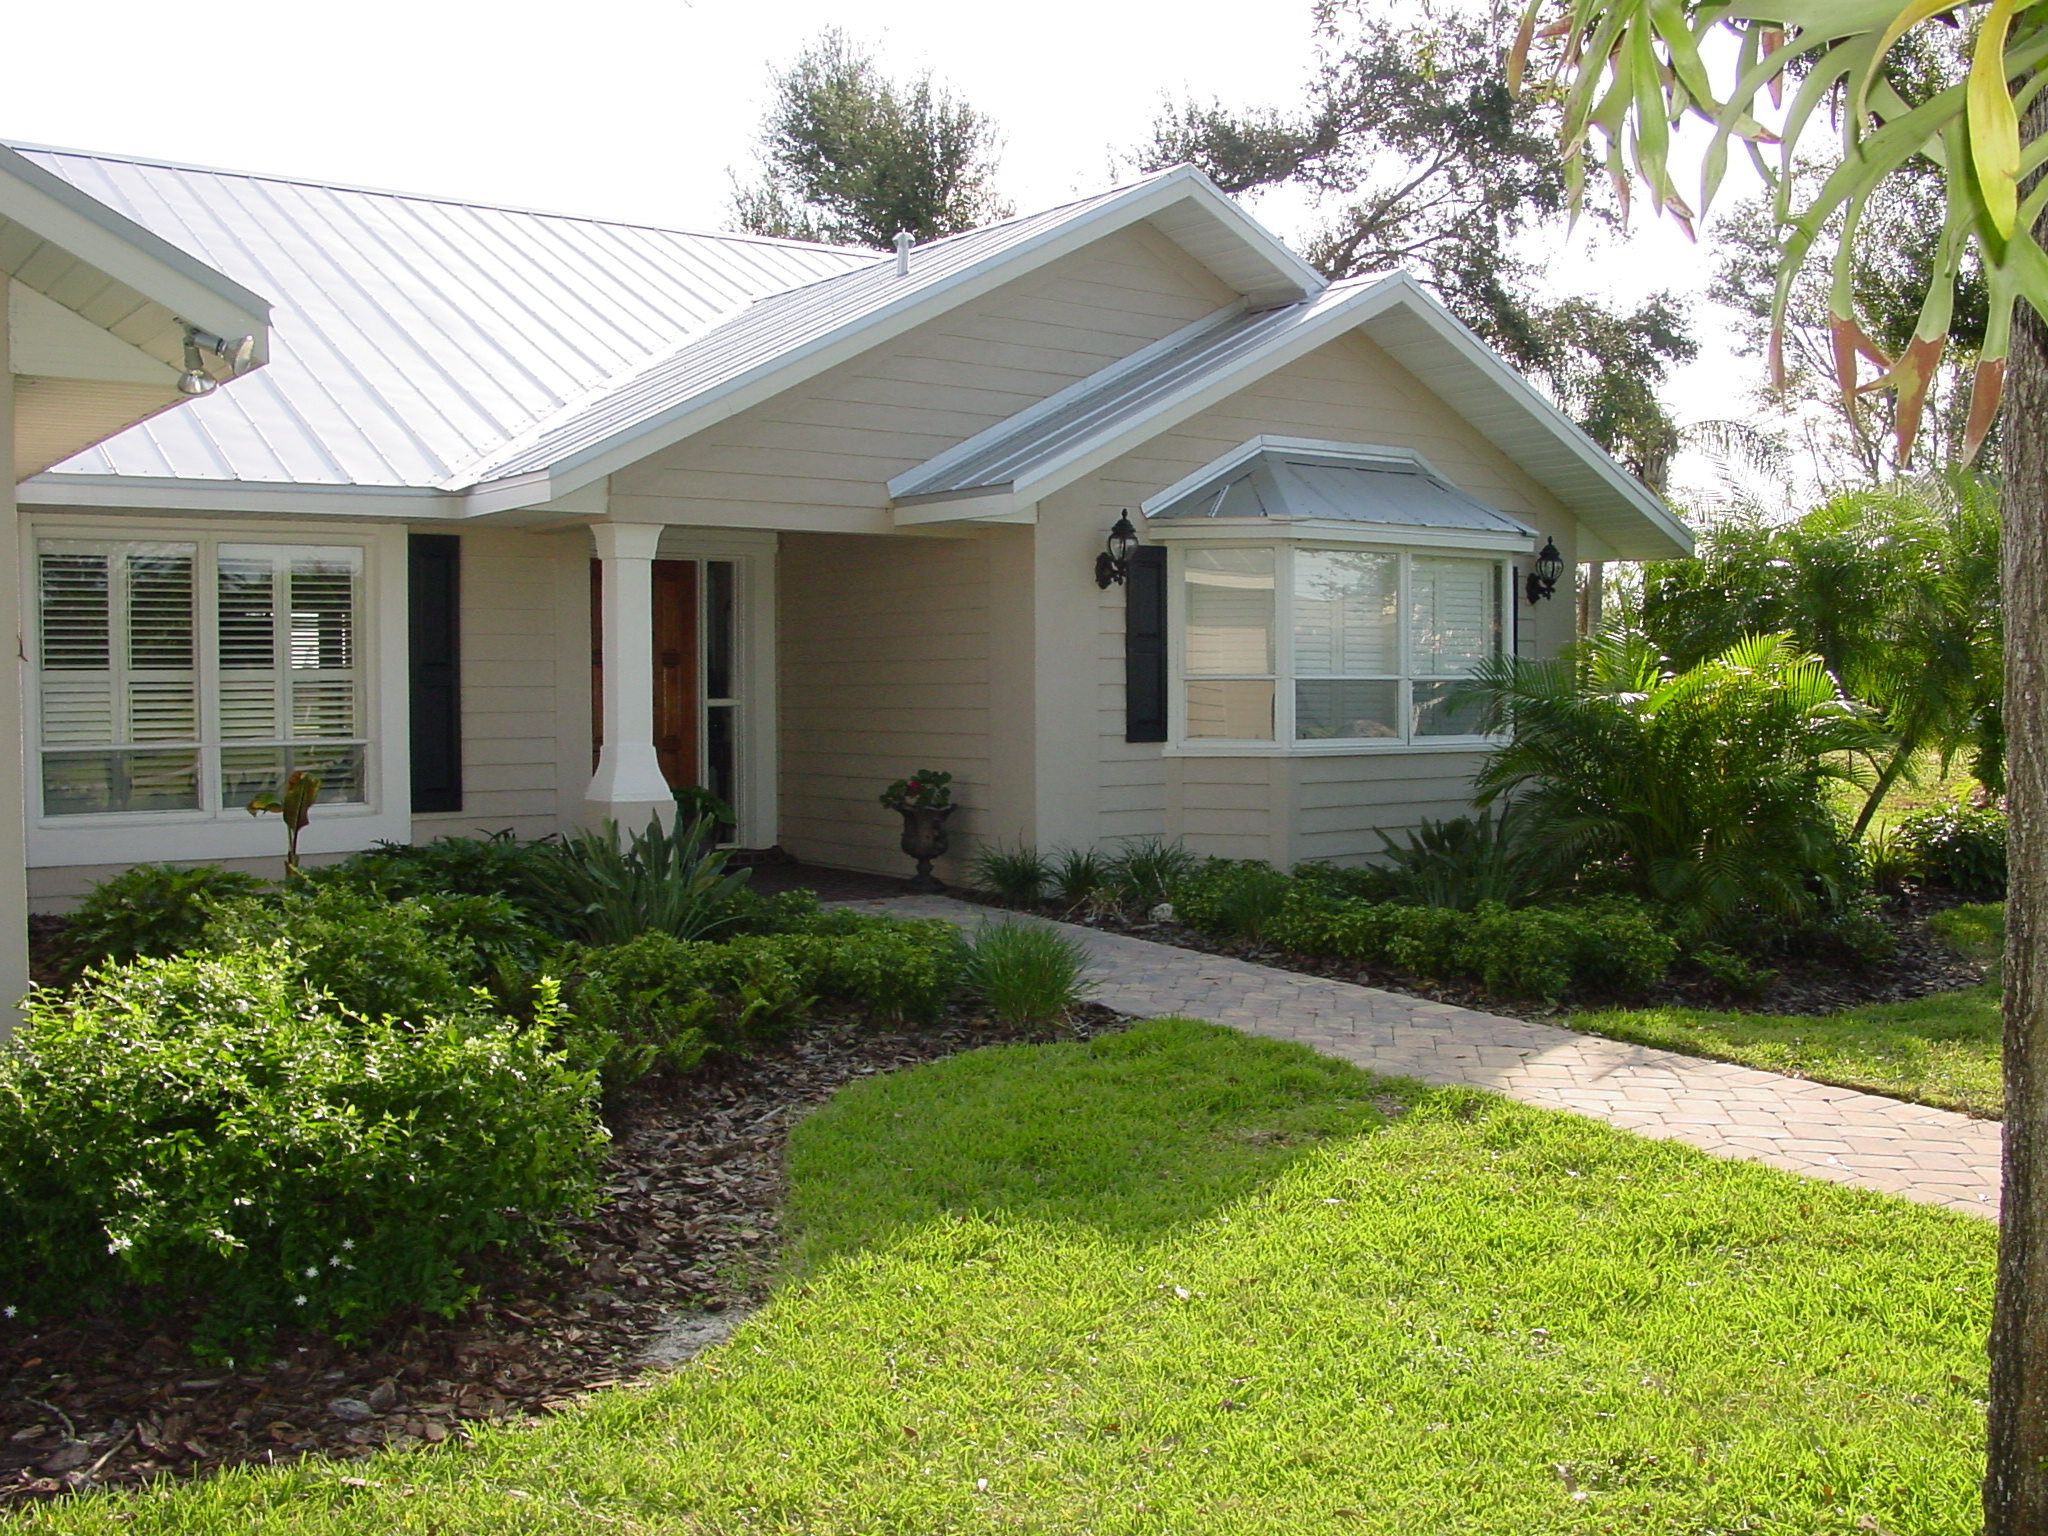 Northwest Home Design Inc Landscape Design Pel Inc Prime Environmental Landscaping Garages True